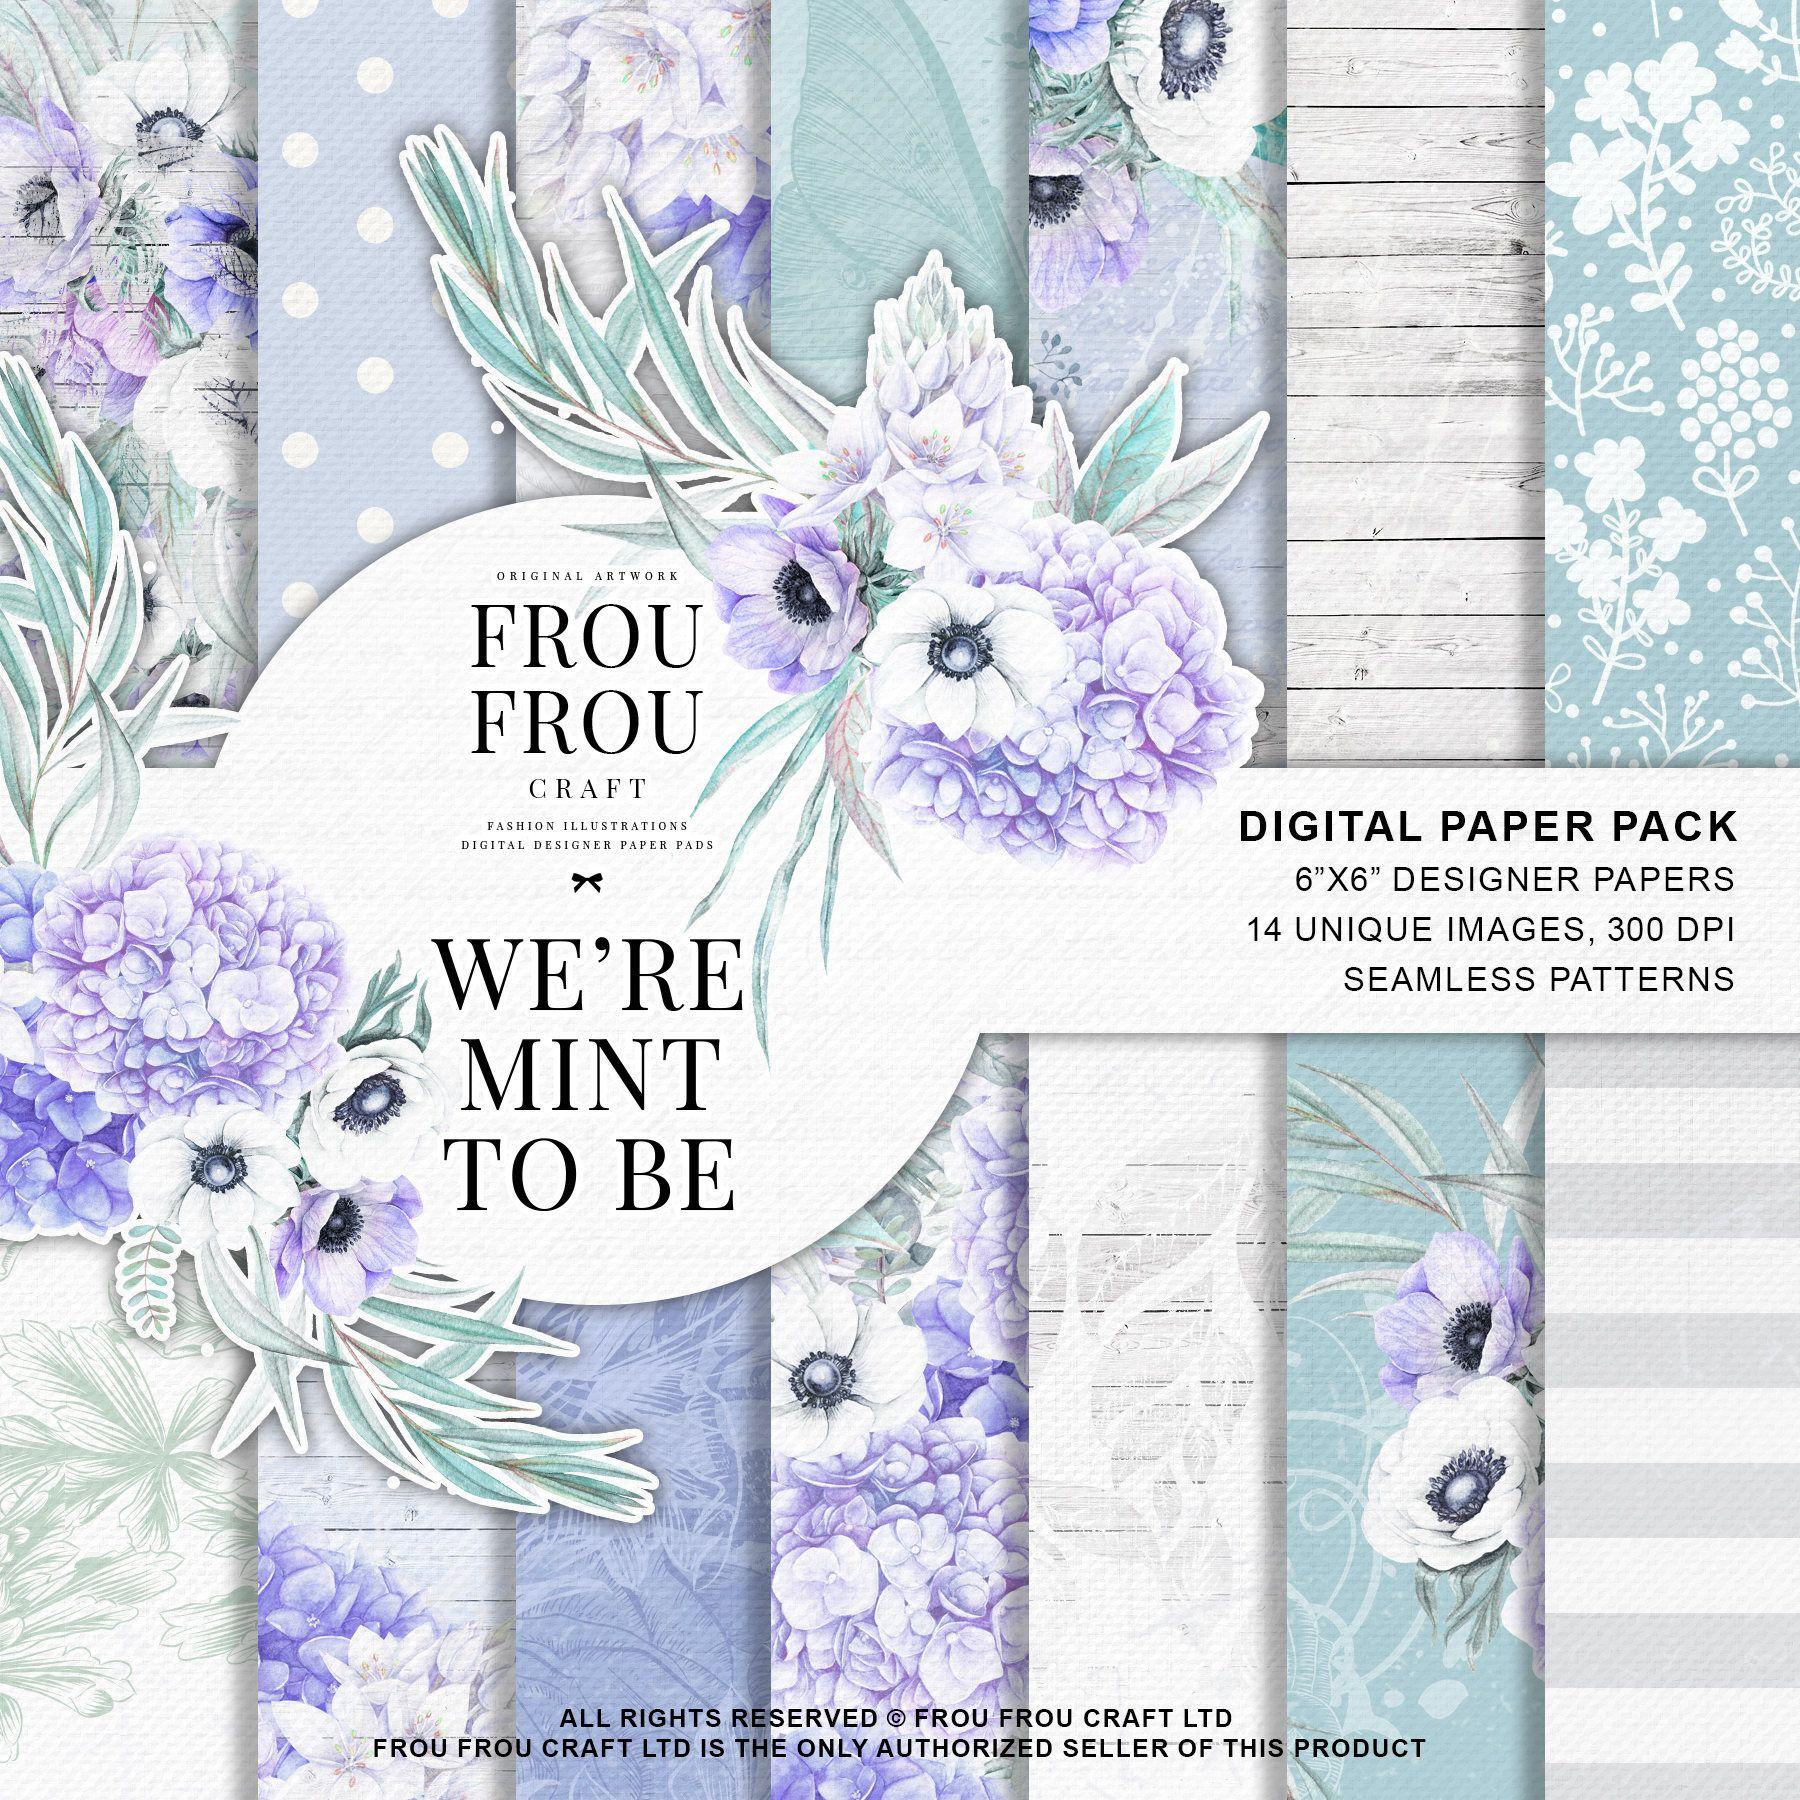 Digital Scrapbook Paper Floral Digital Scrapbooking Flower Paper White /& Bold Color Background Patterns Commercial Use OK